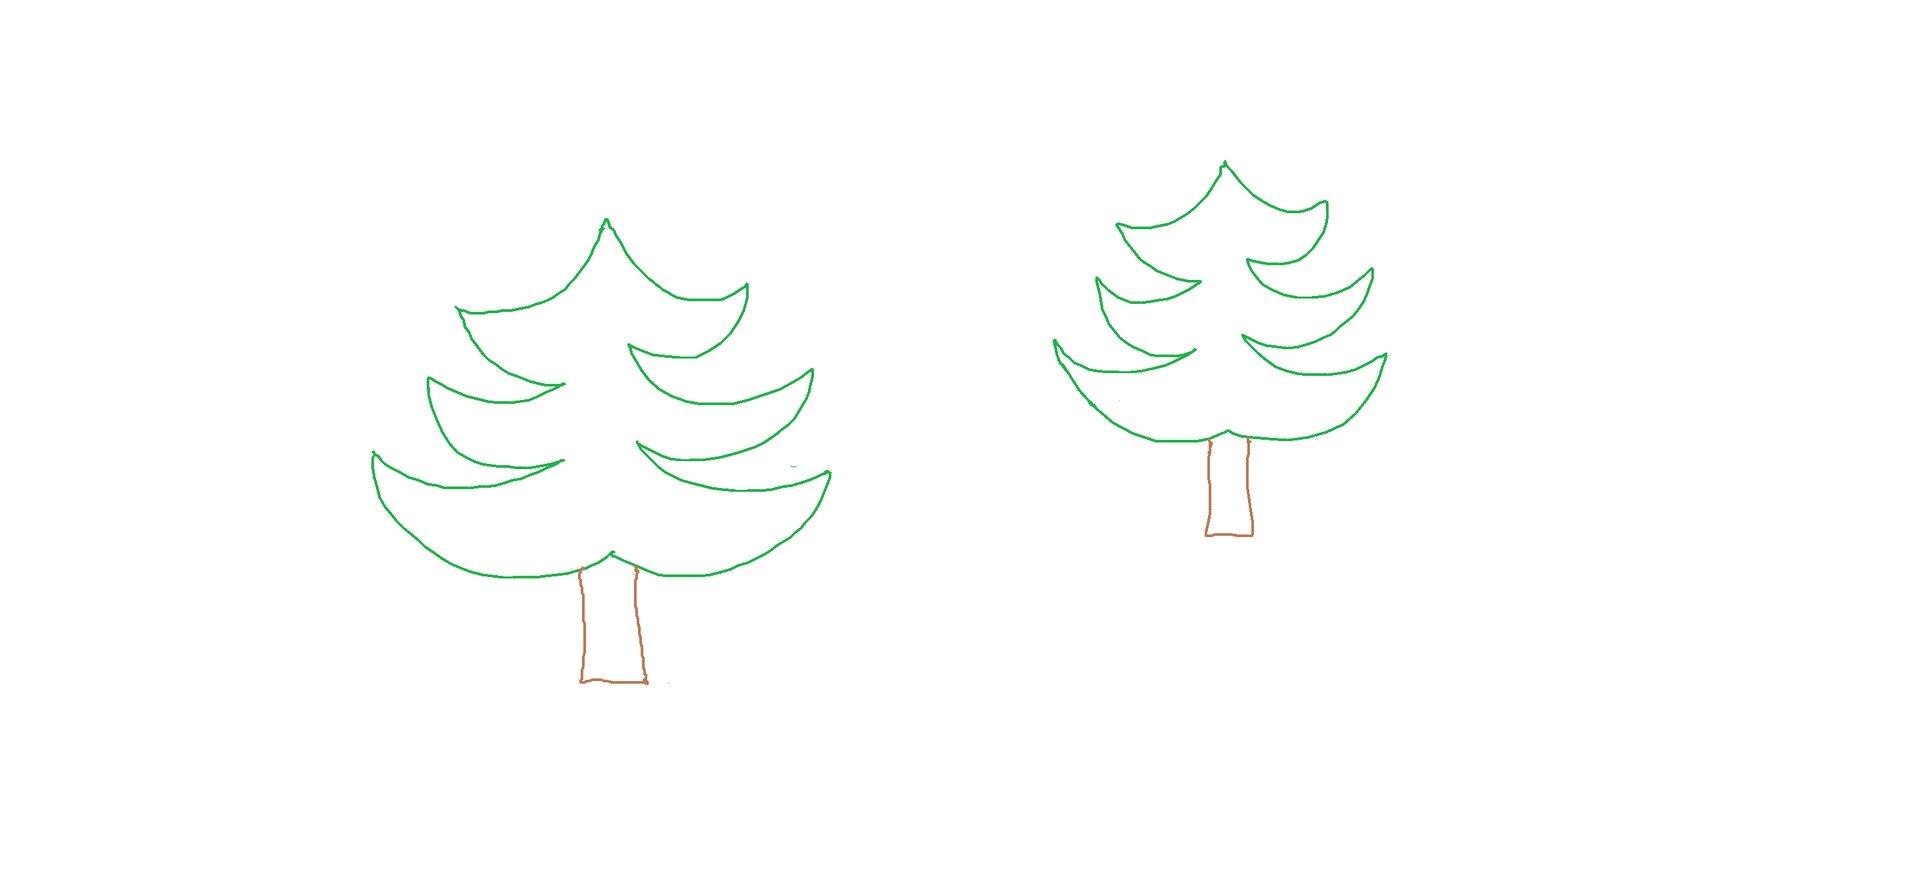 Ilustracja przedstawiająca choinki bez wypełnienia kolorem